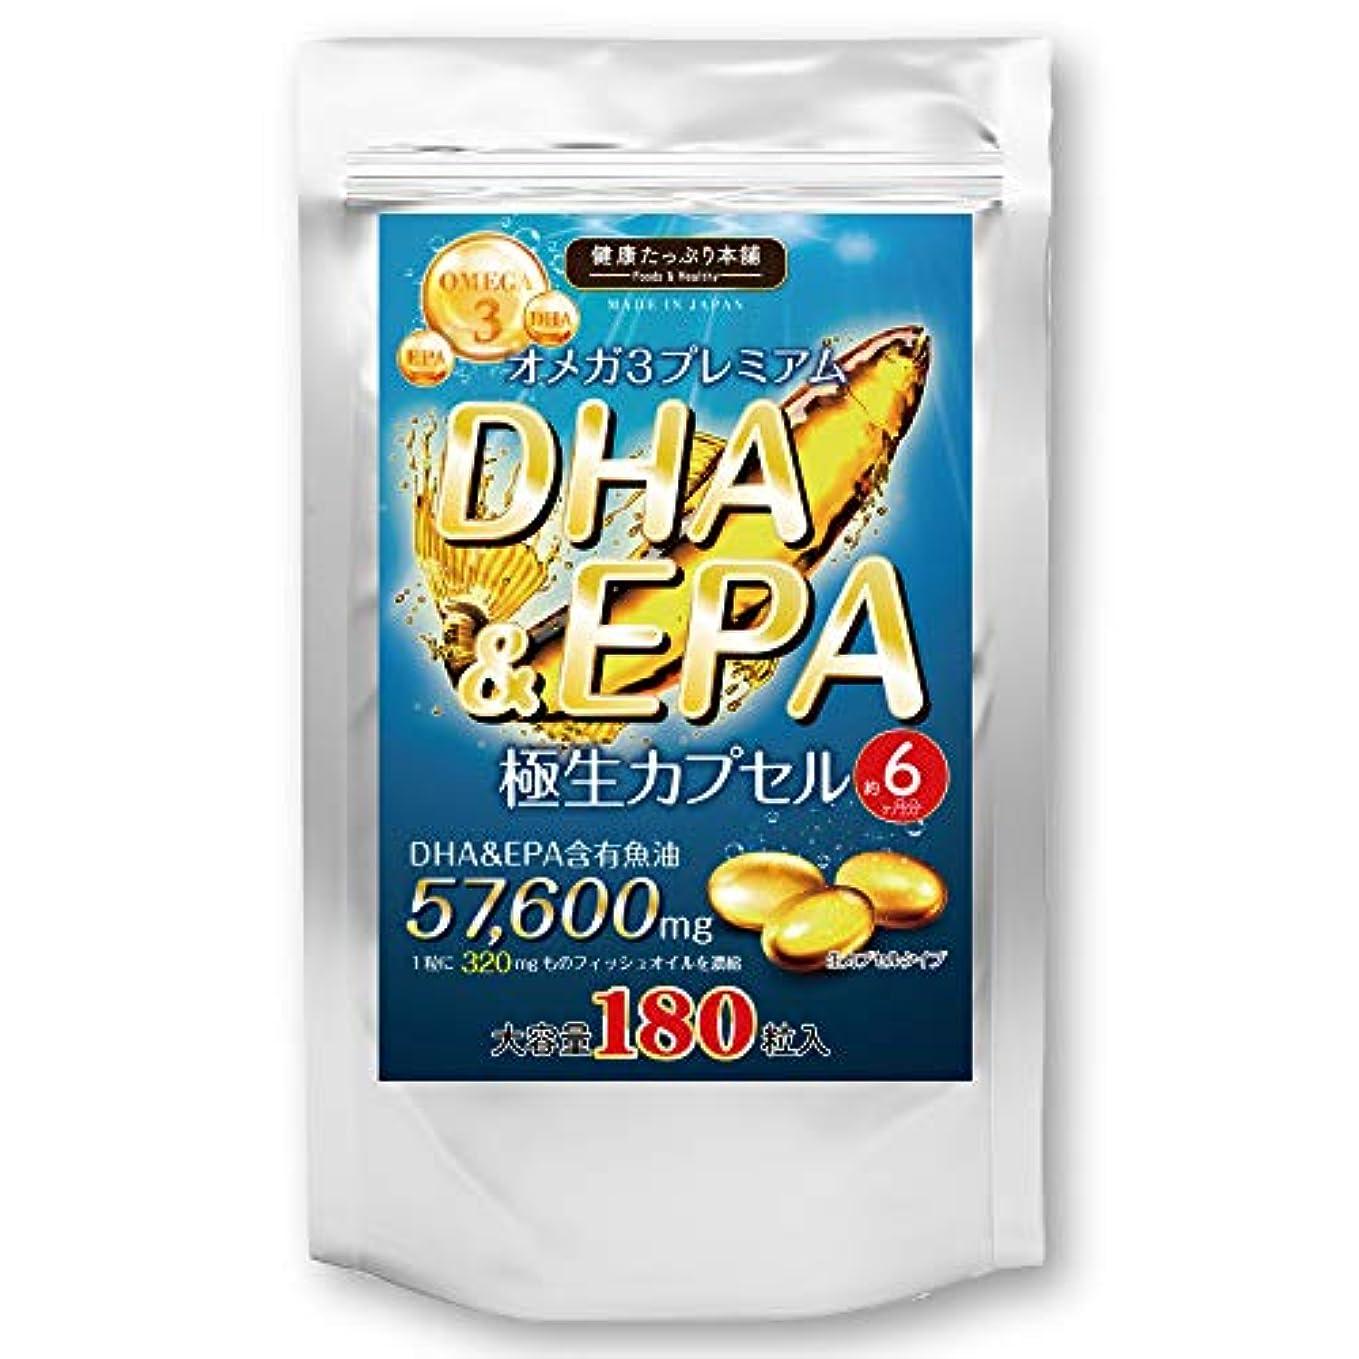 一目規範並外れたオメガ3プレミアム DHA&EPA 極生ソフトカプセル 大容量約6ヶ月分/180粒(DHA含有魚油?EPA含有魚油)